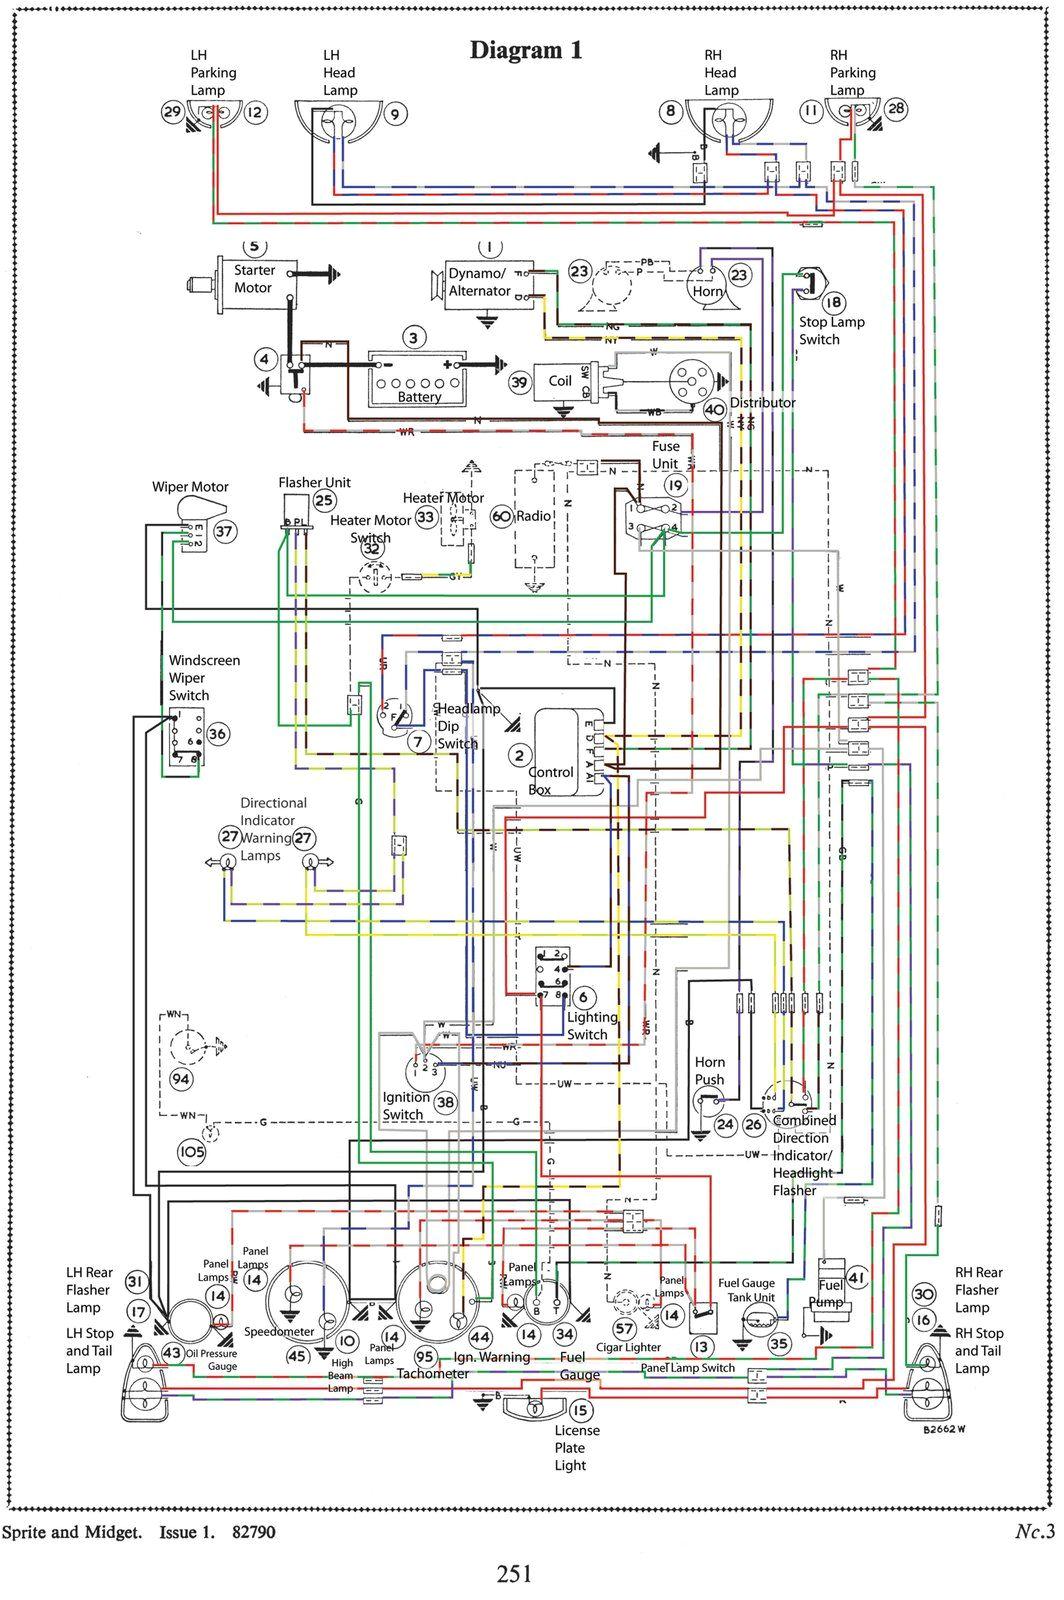 mk3 sprite wiring diagram austin healey sprite mg midget austin healey sprite mk4 wiring diagram austin healey sprite wiring diagram